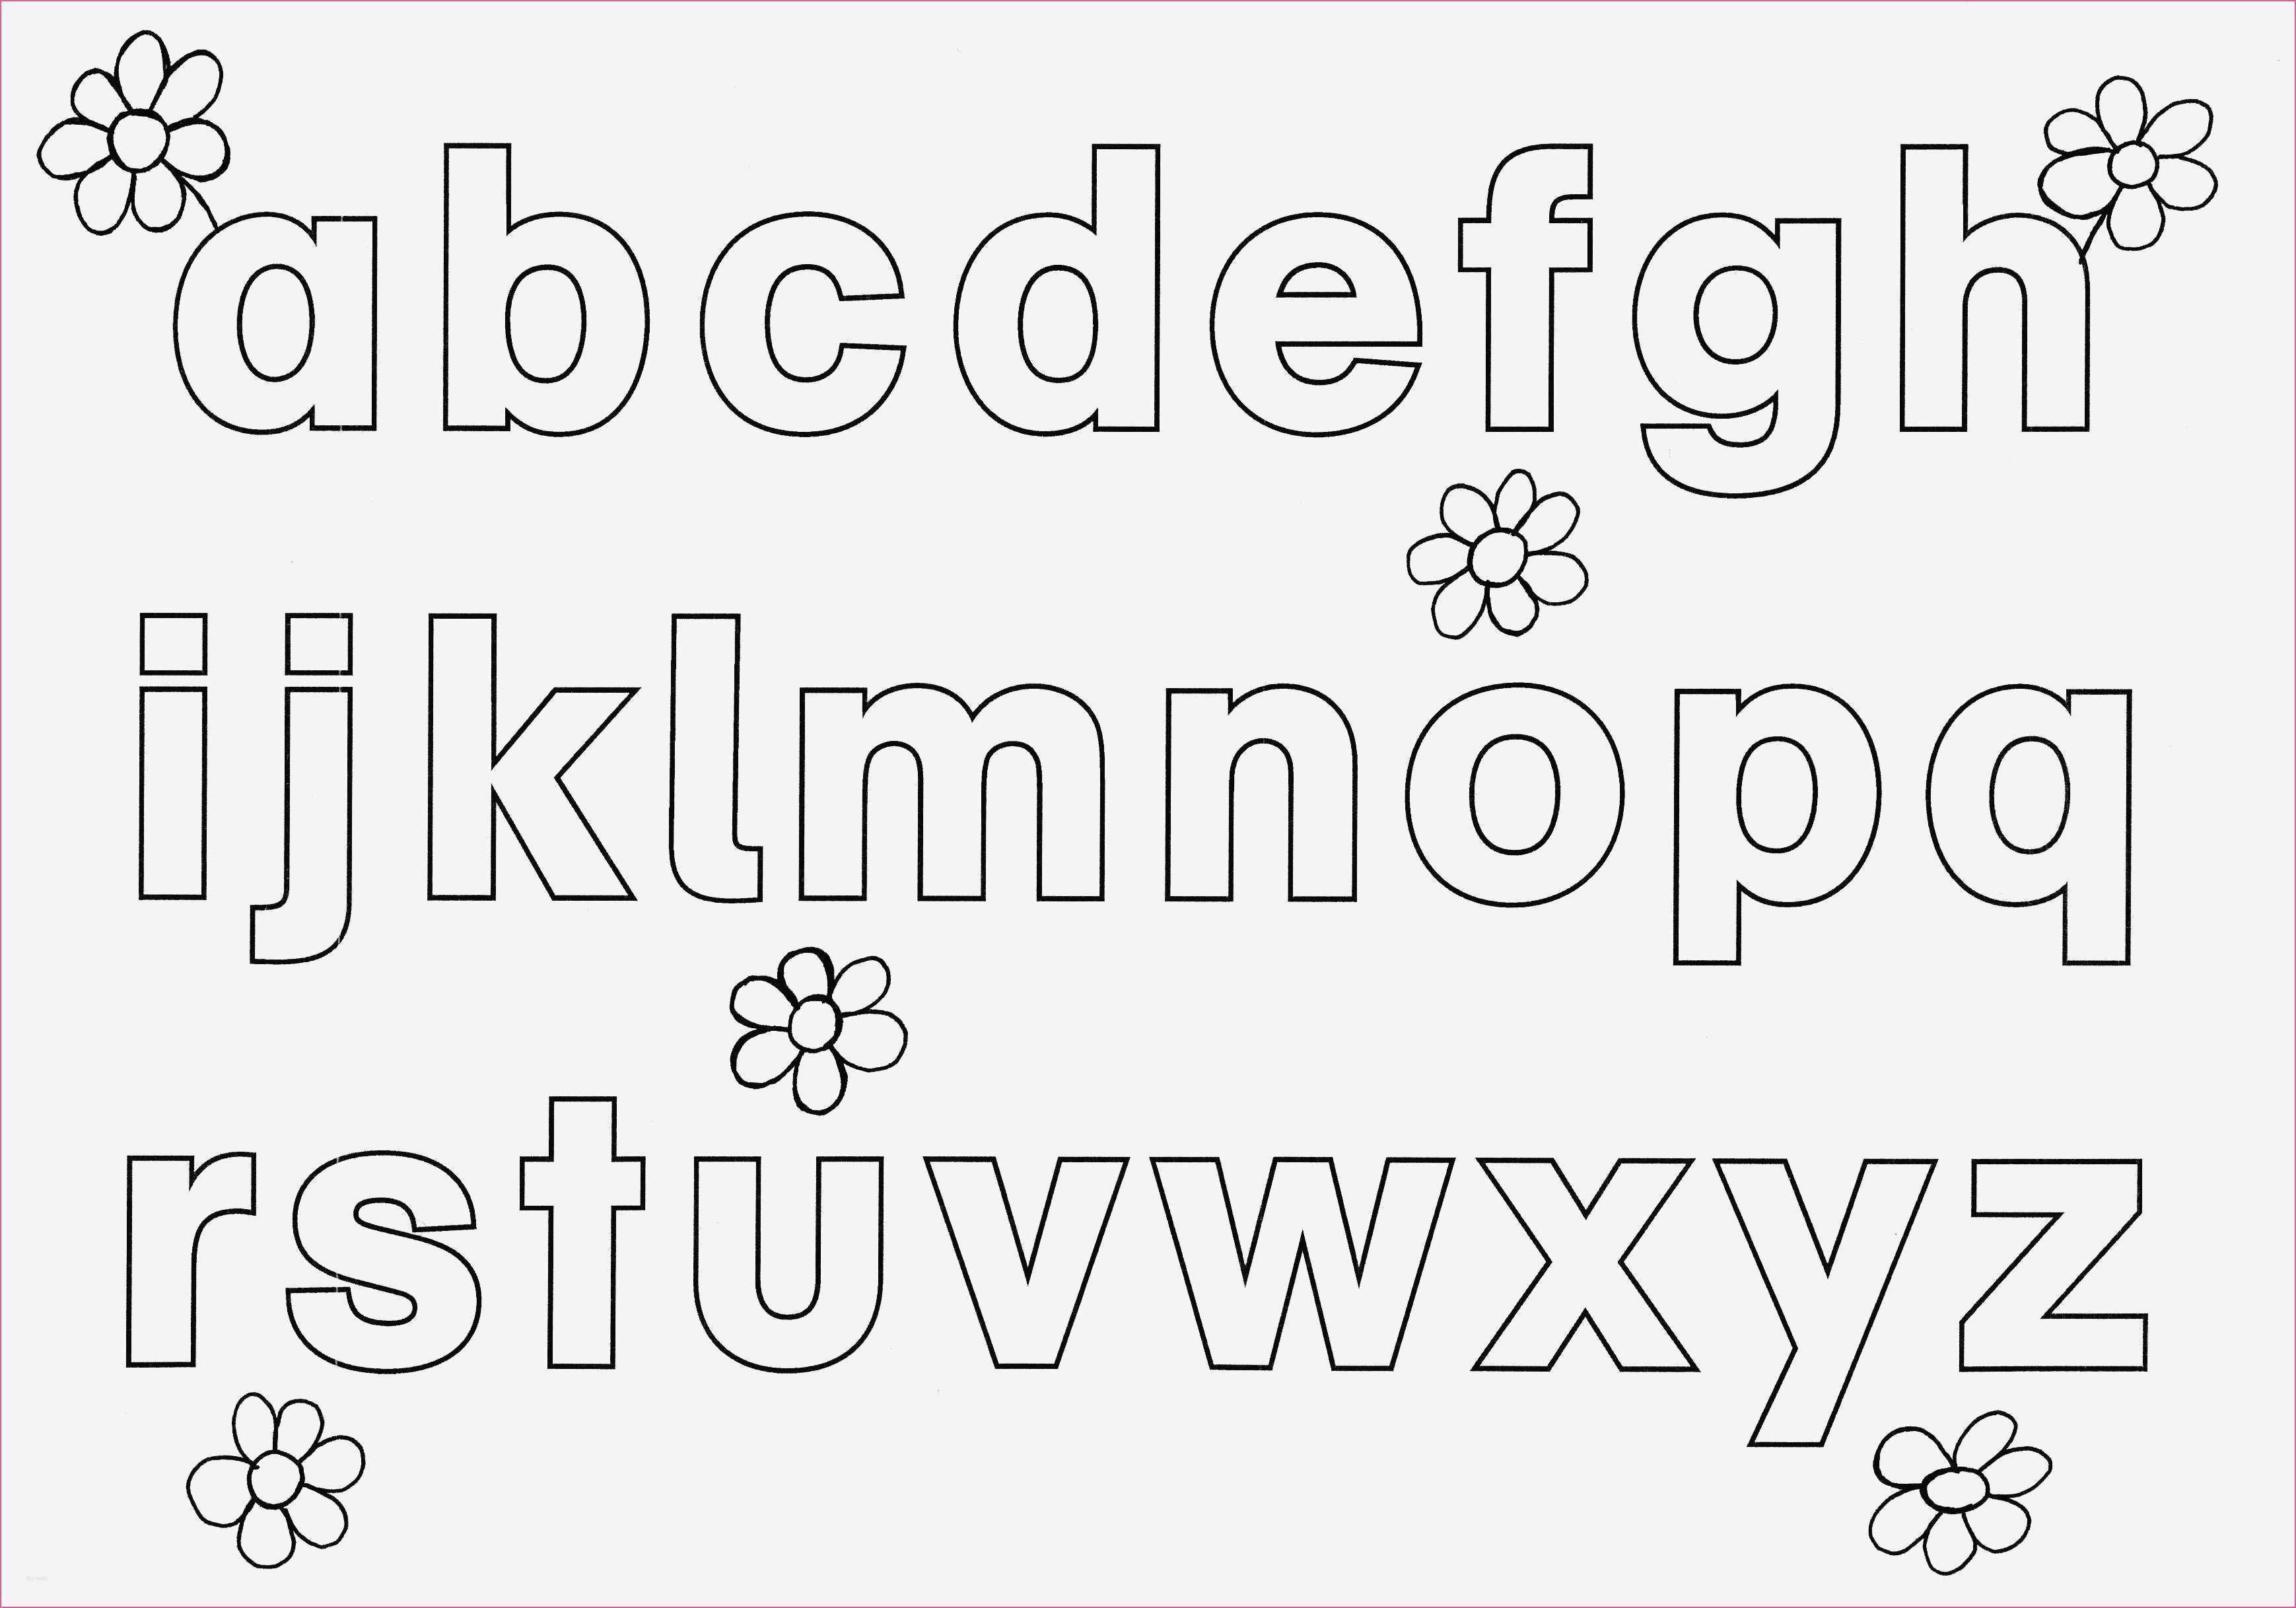 Ausdrucken Fein Ornamente Schablonen Zum Schablonen Zum Ausdrucken Ornam Buchstaben Vorlagen Zum Ausdrucken Schablonen Zum Ausdrucken Alphabet Malvorlagen